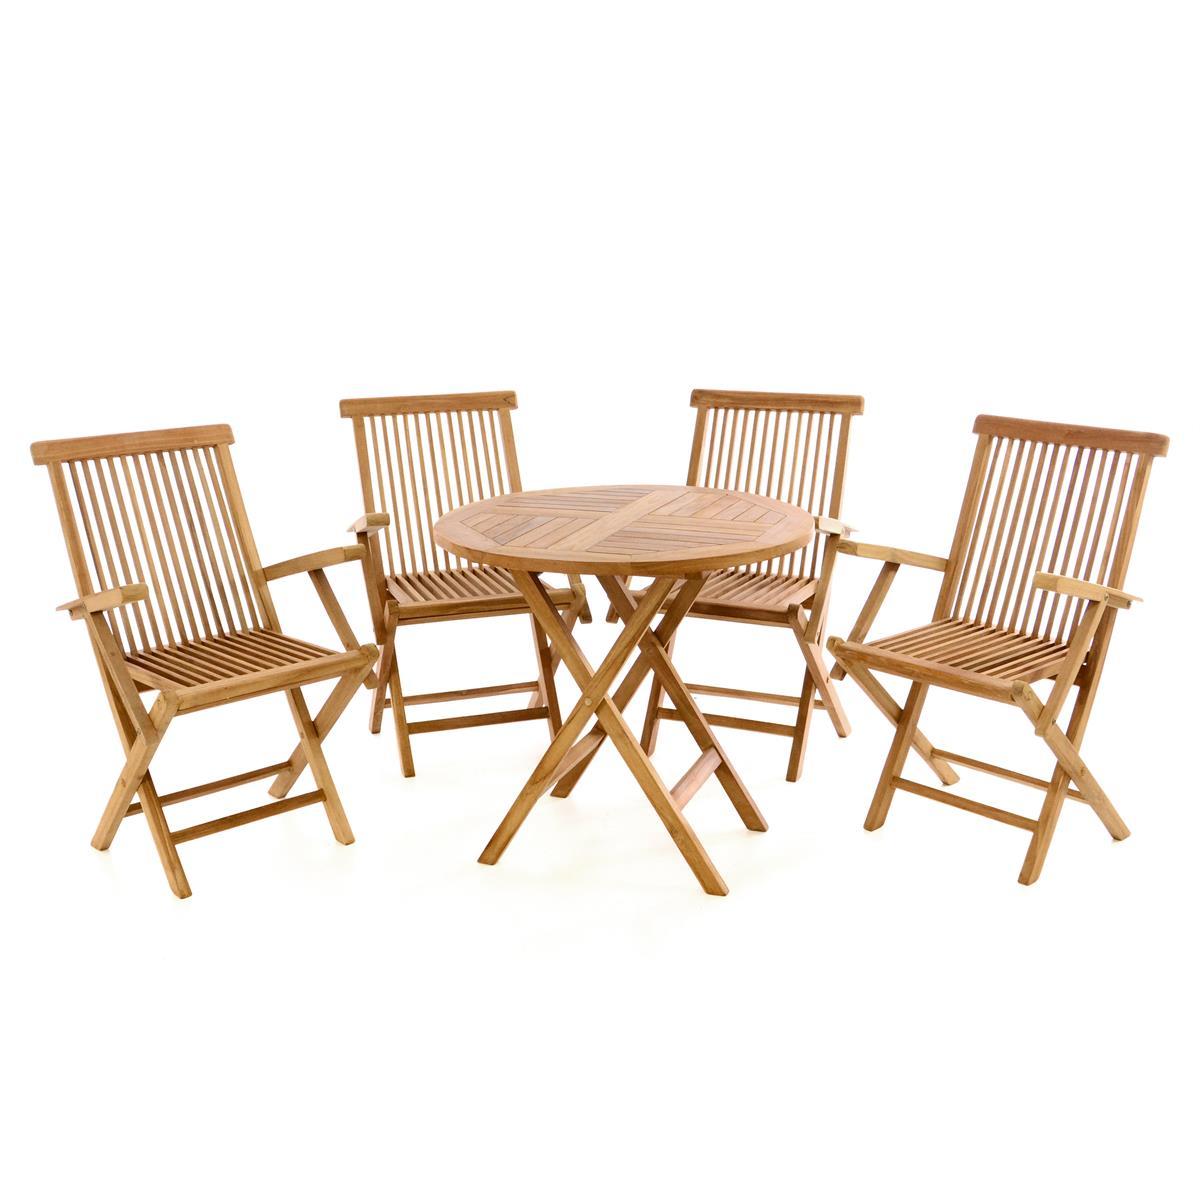 DIVERO Set Gartenmöbel Sitzgruppe Tisch Ø80cm Stühle Teak Holz behandelt